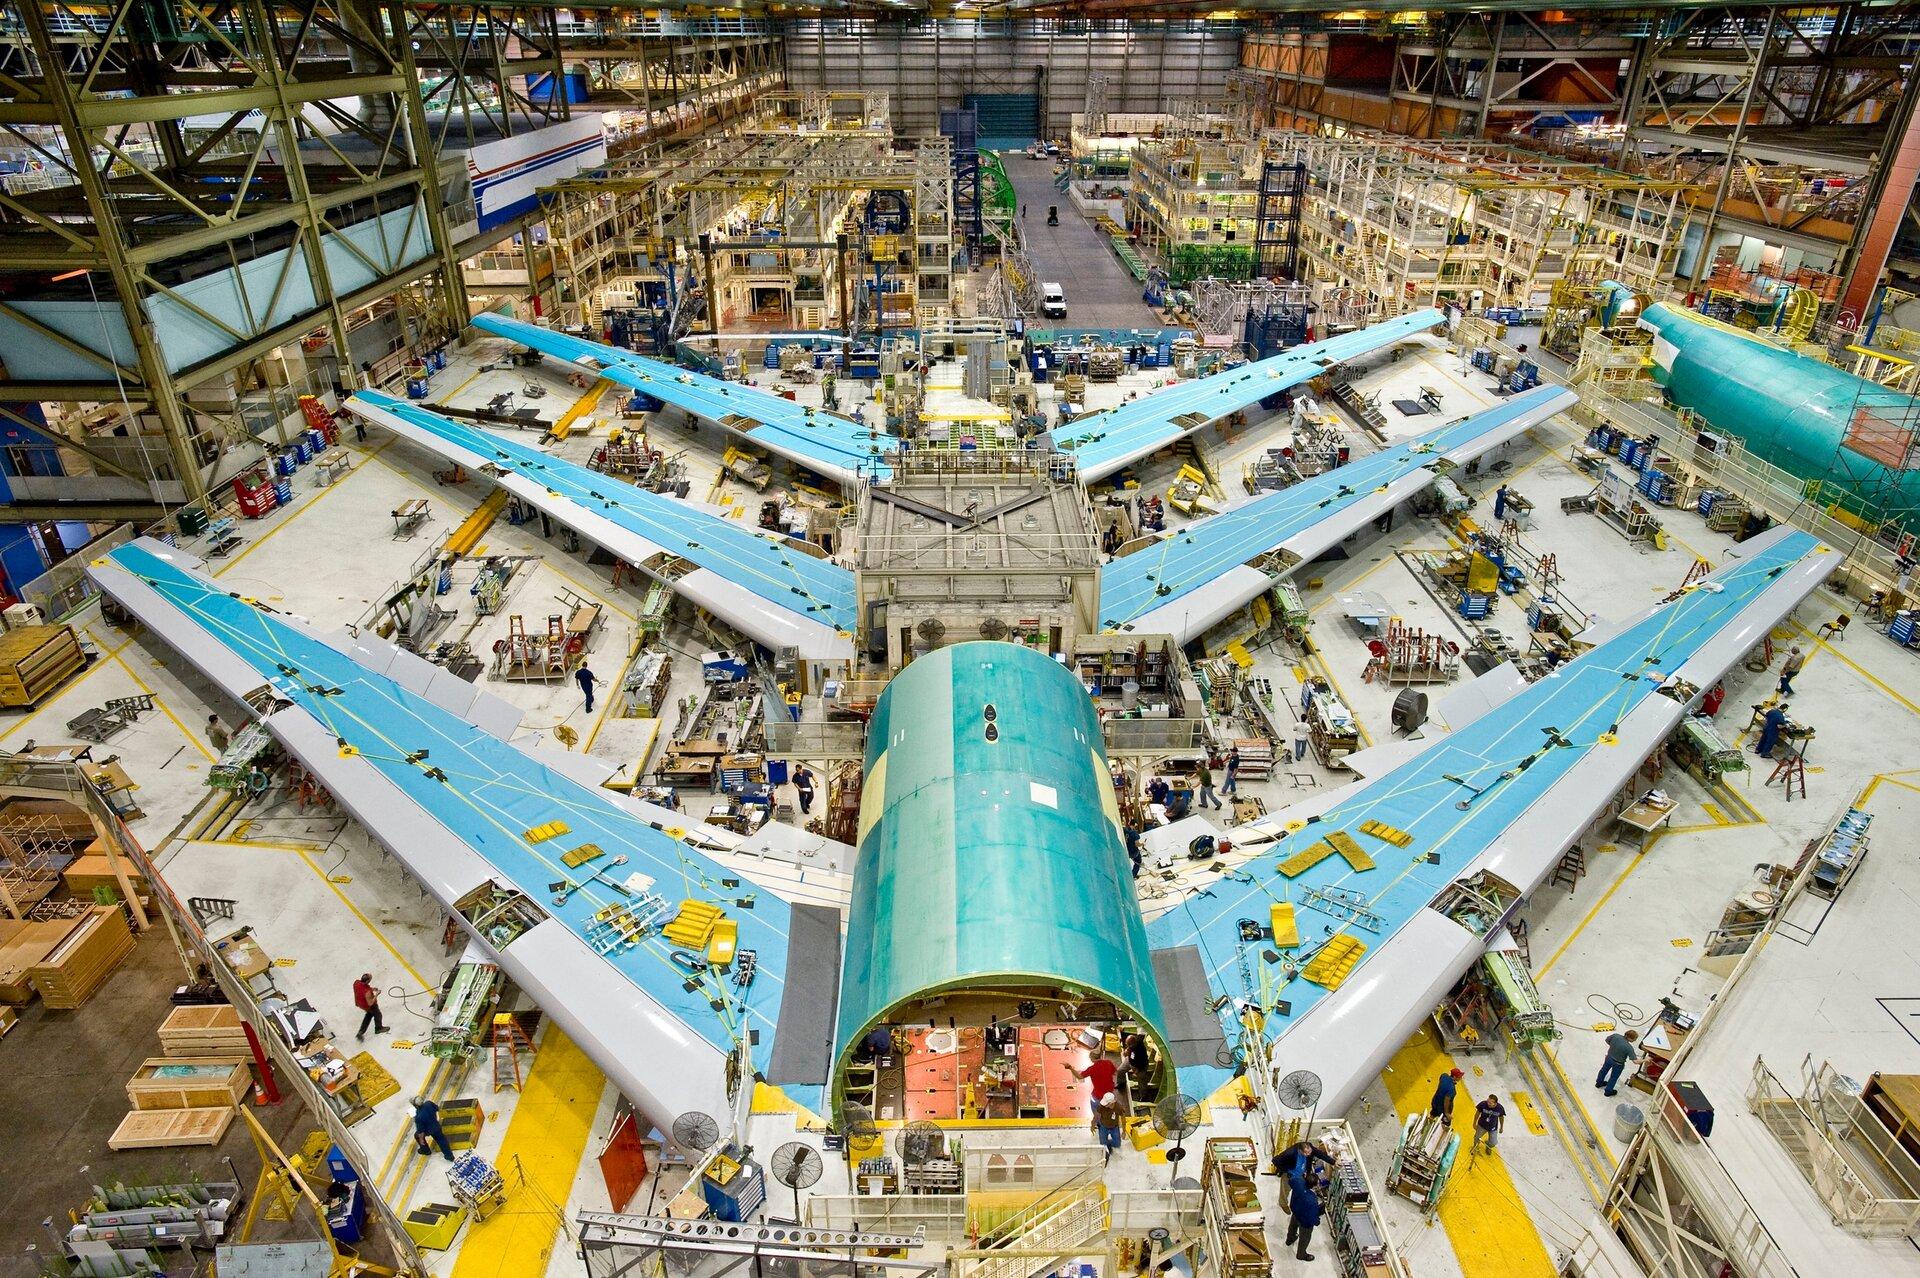 Na zdjęciu wnętrze dużej hali fabrycznej, kadłub iskrzydła samolotu, dookoła ludzie. Wtle rusztowania.